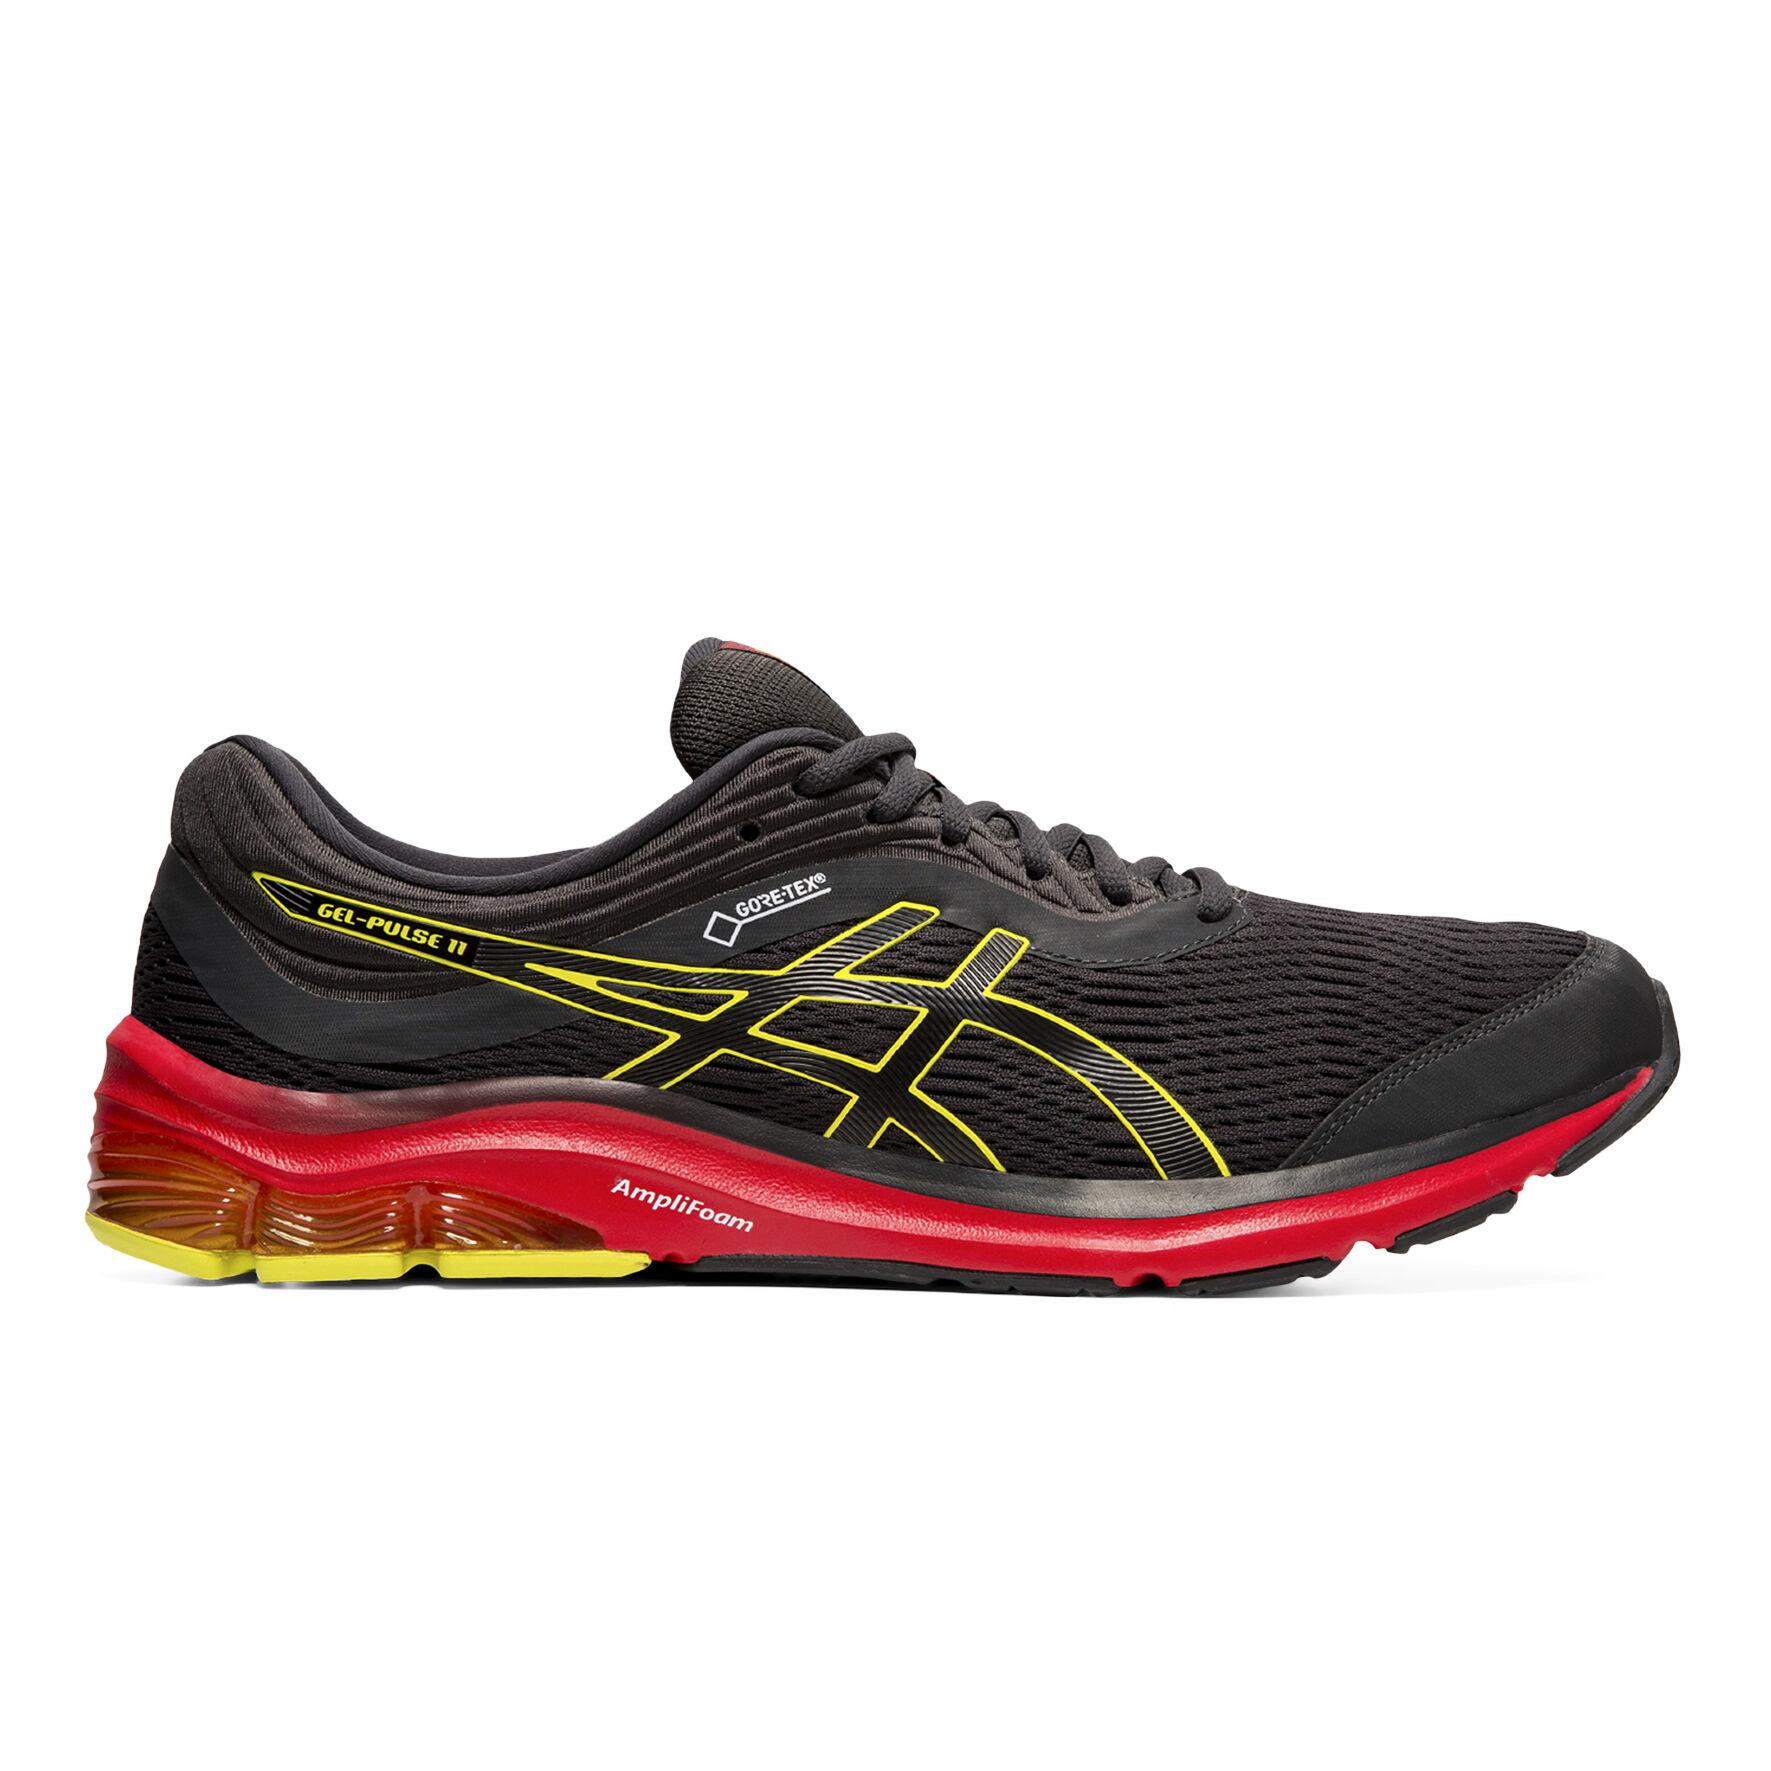 Joggen 10 Turnschuhe Pulse Gel Laufschuhe Schuhe Asics Damen OkP0nw